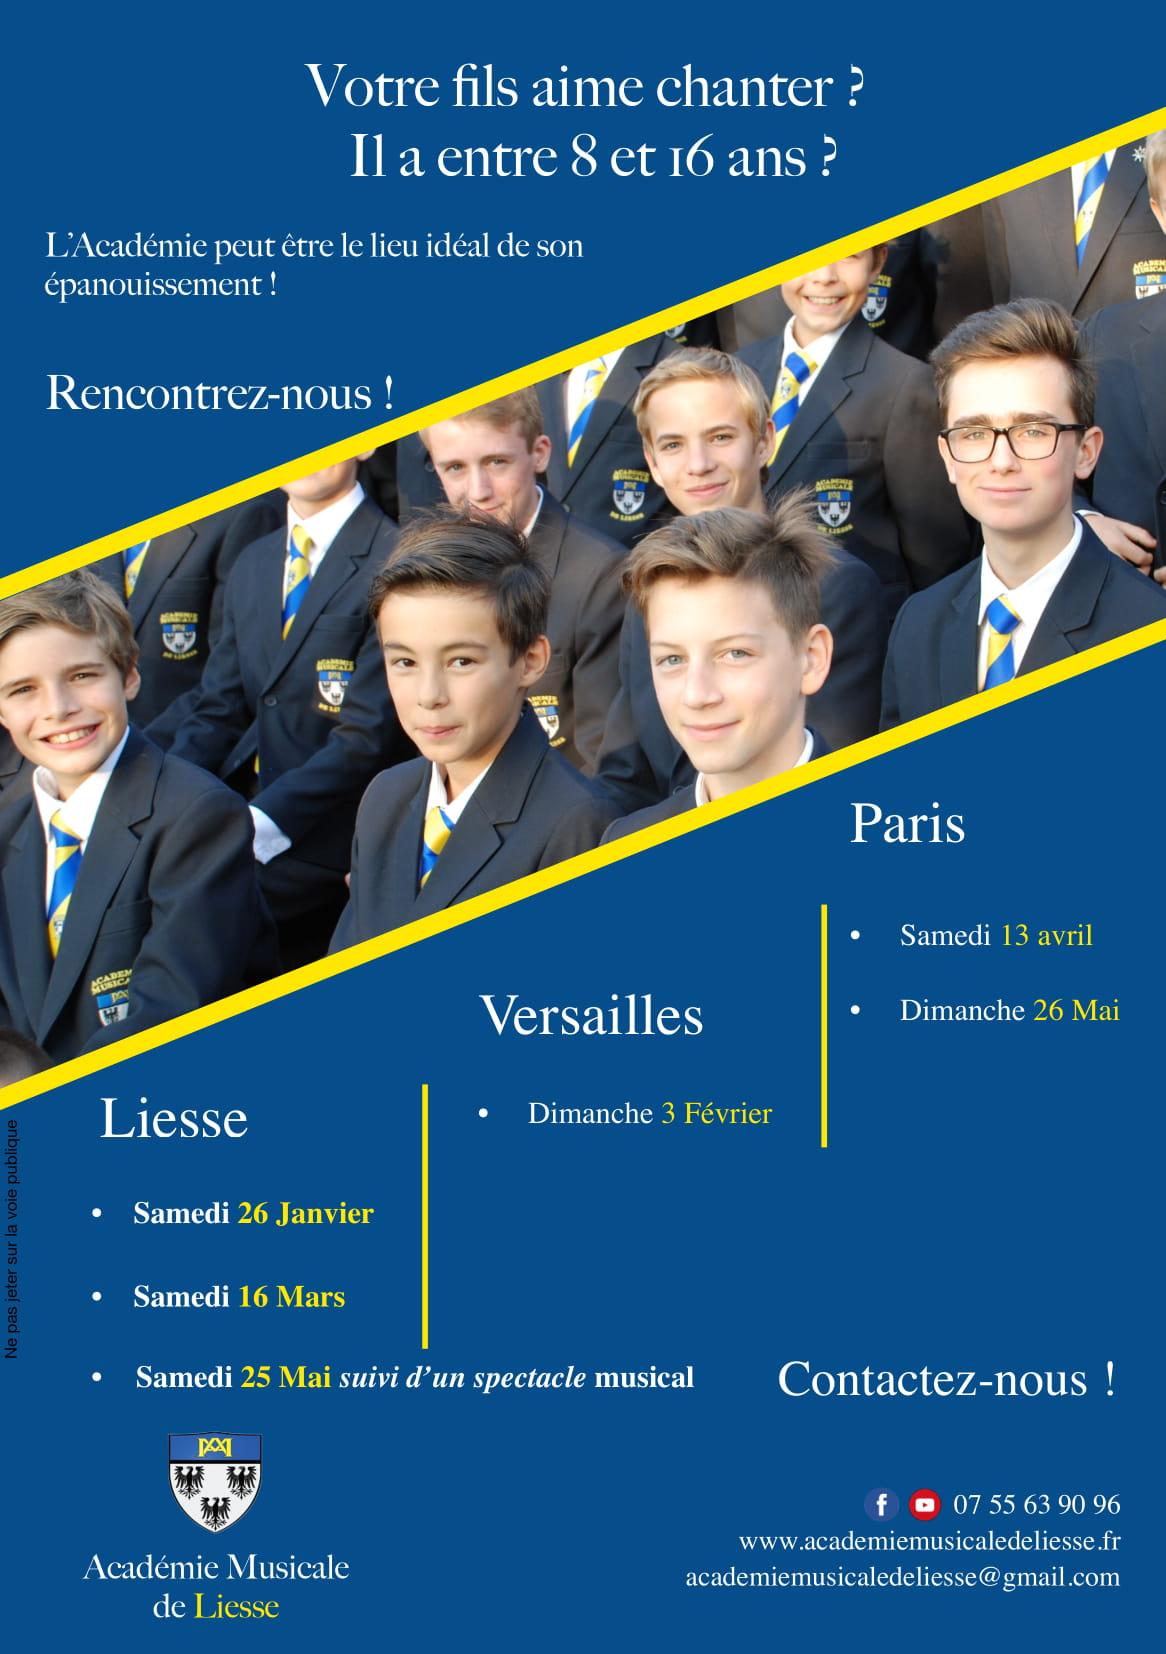 Journées portes ouvertes et auditions – Académie Musicale de Liesse (02) – le 26 janvier à Liesse, 3 février 2019 à Versailles, 13 avril à Paris…